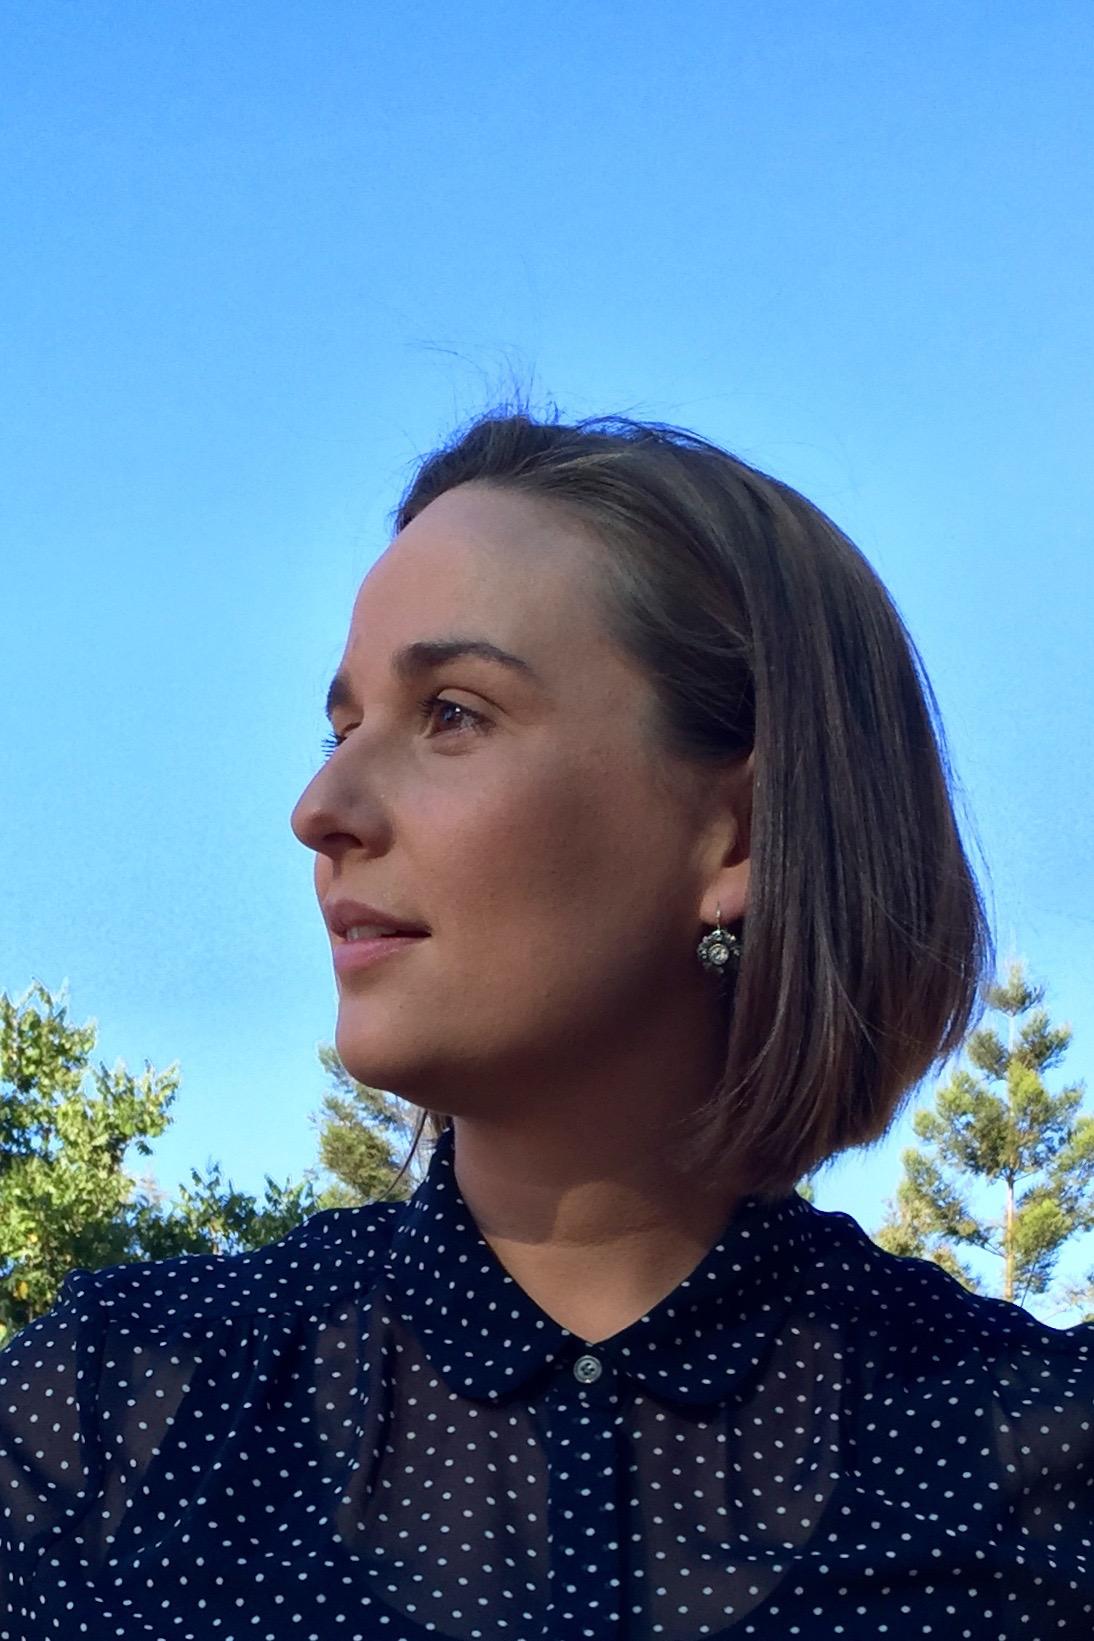 Claire_profile.jpg